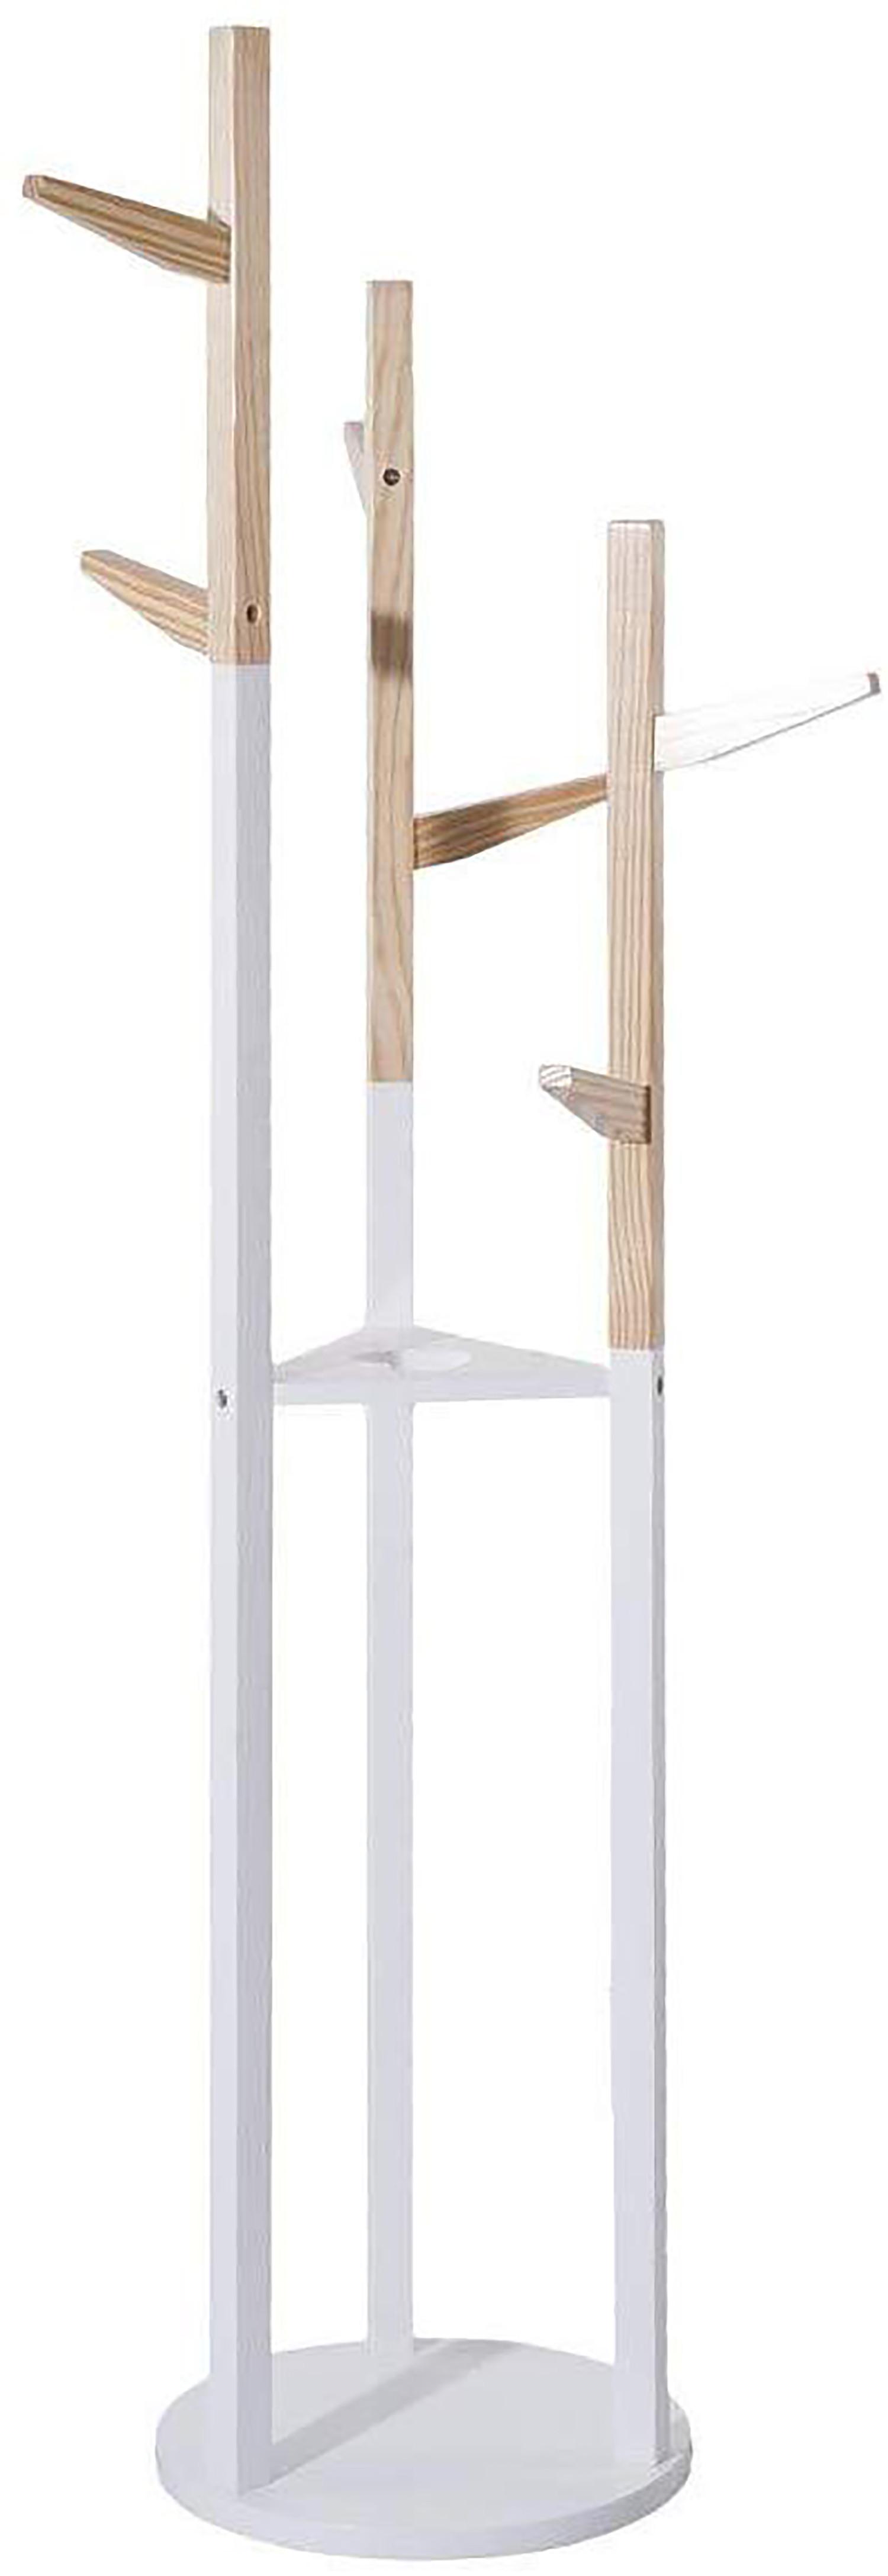 Wood coat rack, Child coat racks Original for Children, 6 Hangers. Practical, Functional and Stable 135x30 cm